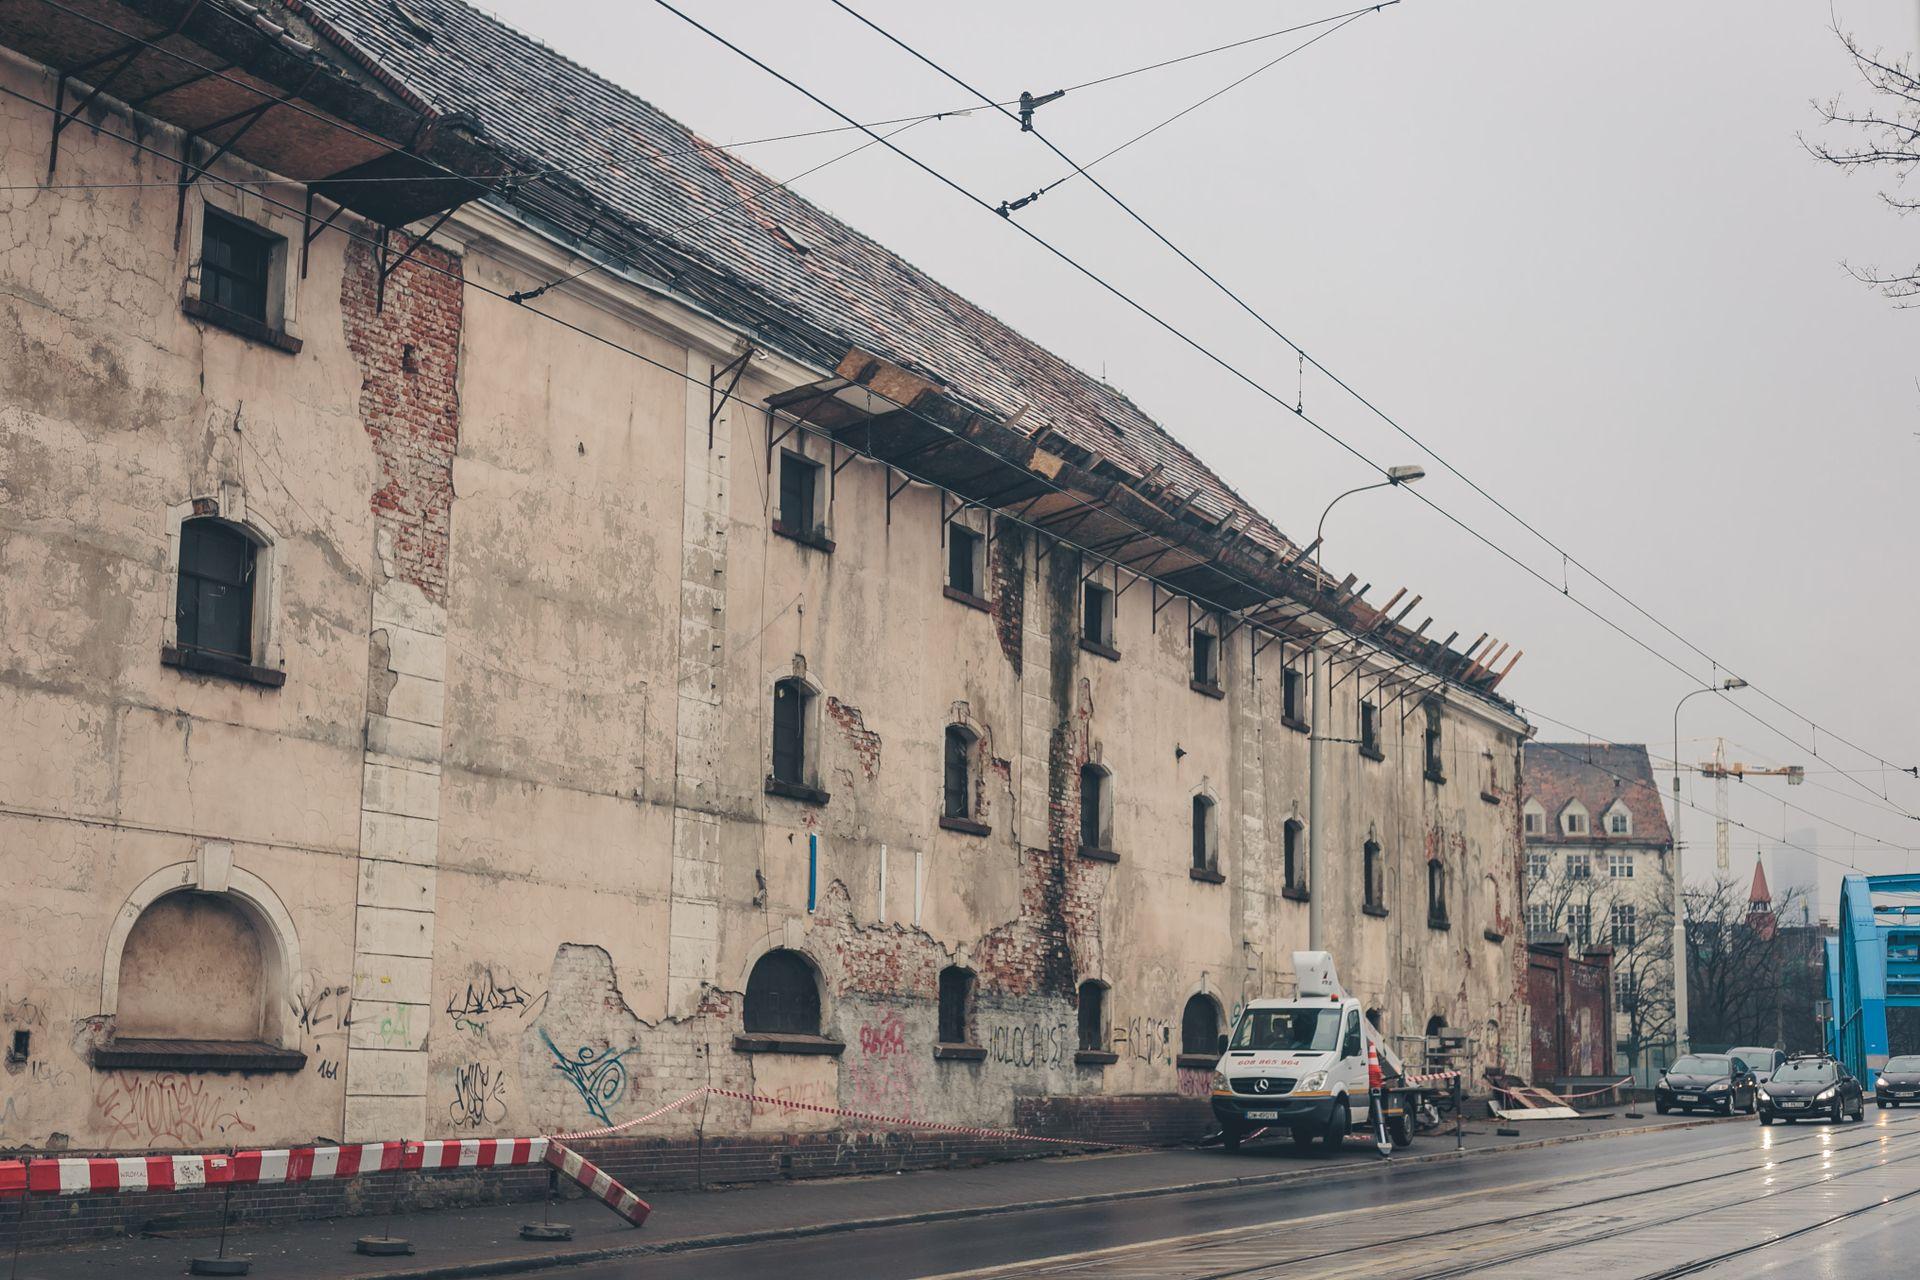 [Wrocław] Spichlerz i urząd celny. Wkrótce start inwestycji w zabytkowych obiektach przy Księcia Witolda